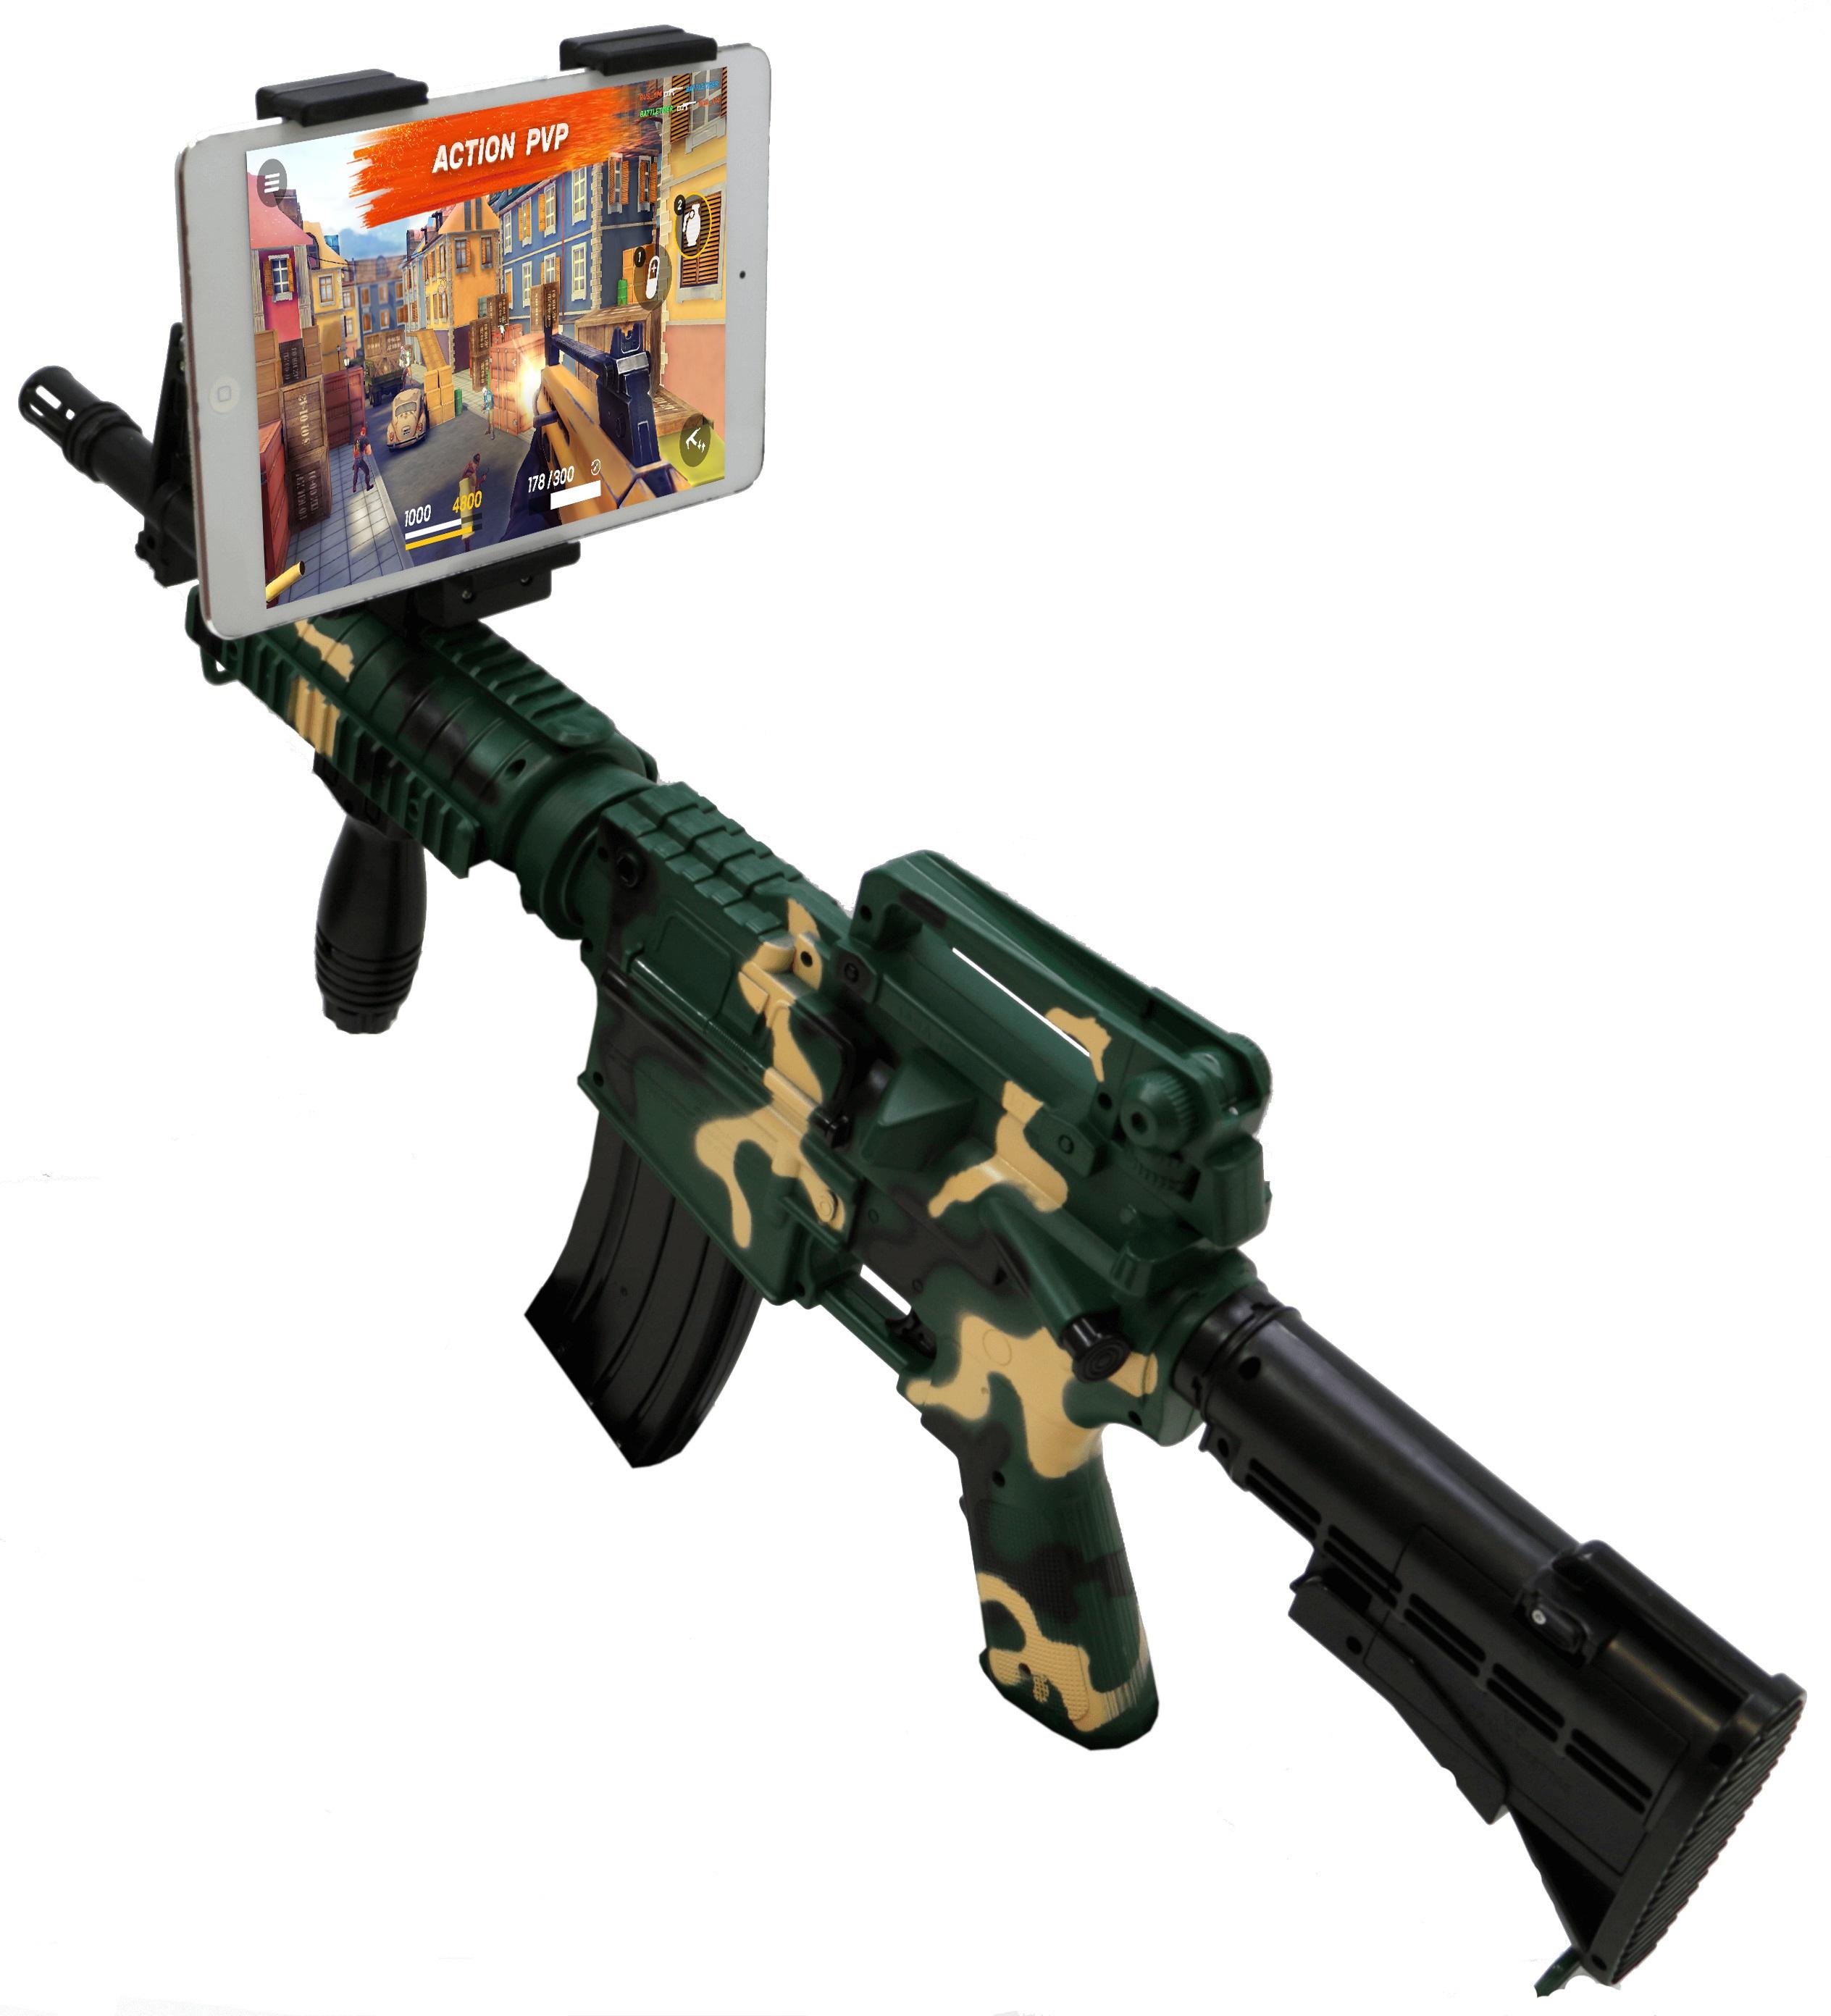 Intelligent ar gun AR47-1 Camouflage green гладкоствольные карабины на базе автомата калашникова в украине цена